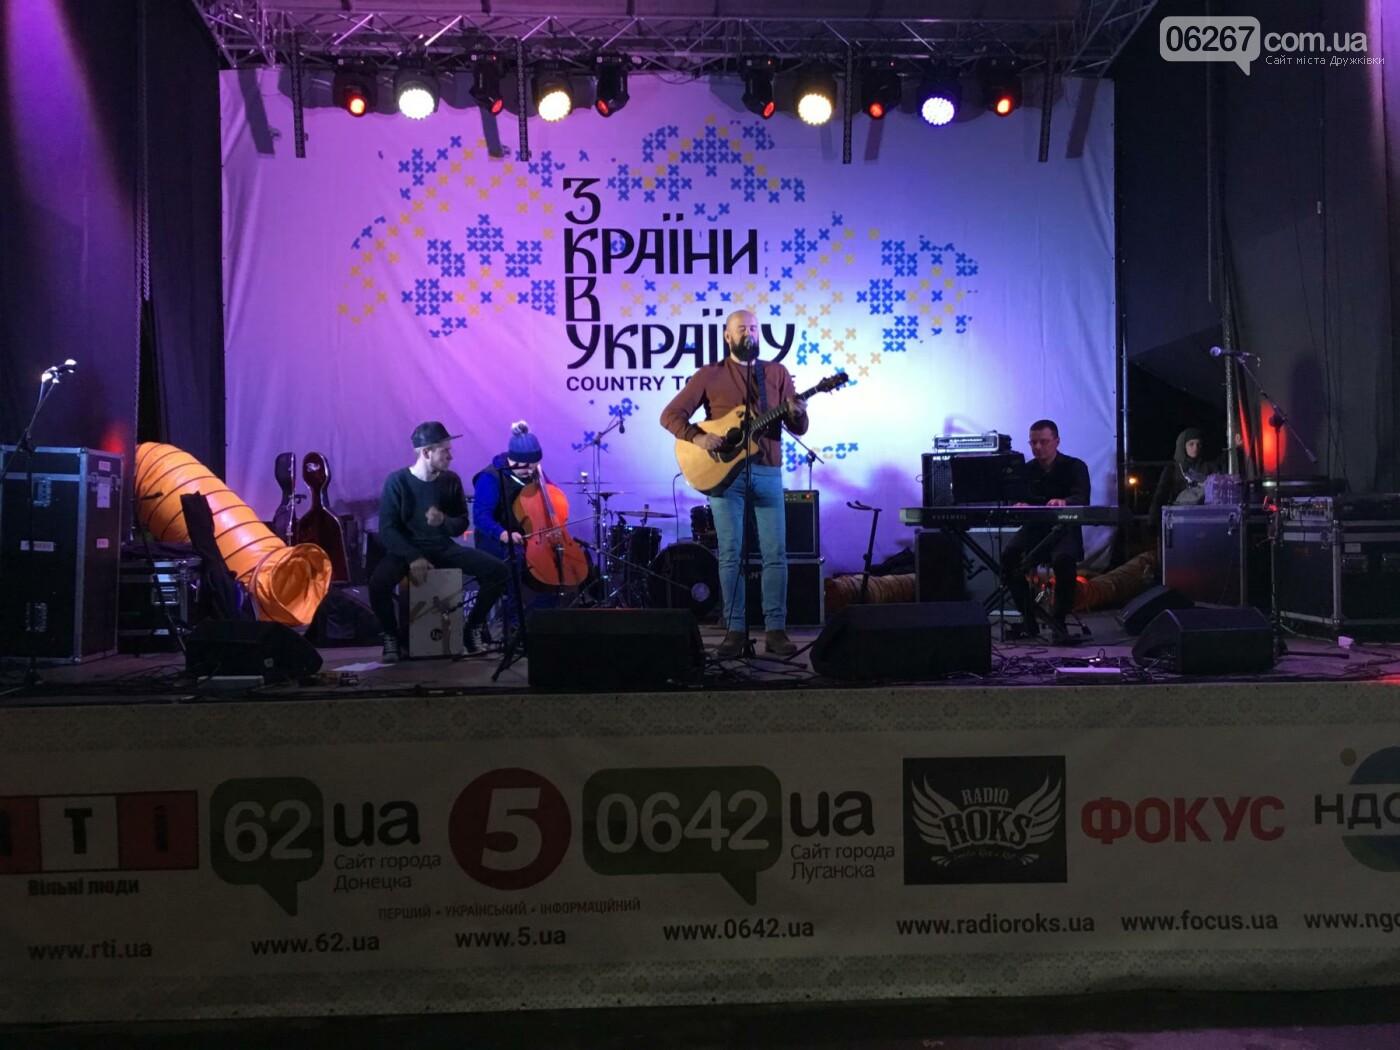 Как прошёл в Дружковке фестиваль «З країни в Україну» (ФОТО, ВИДЕО), фото-8